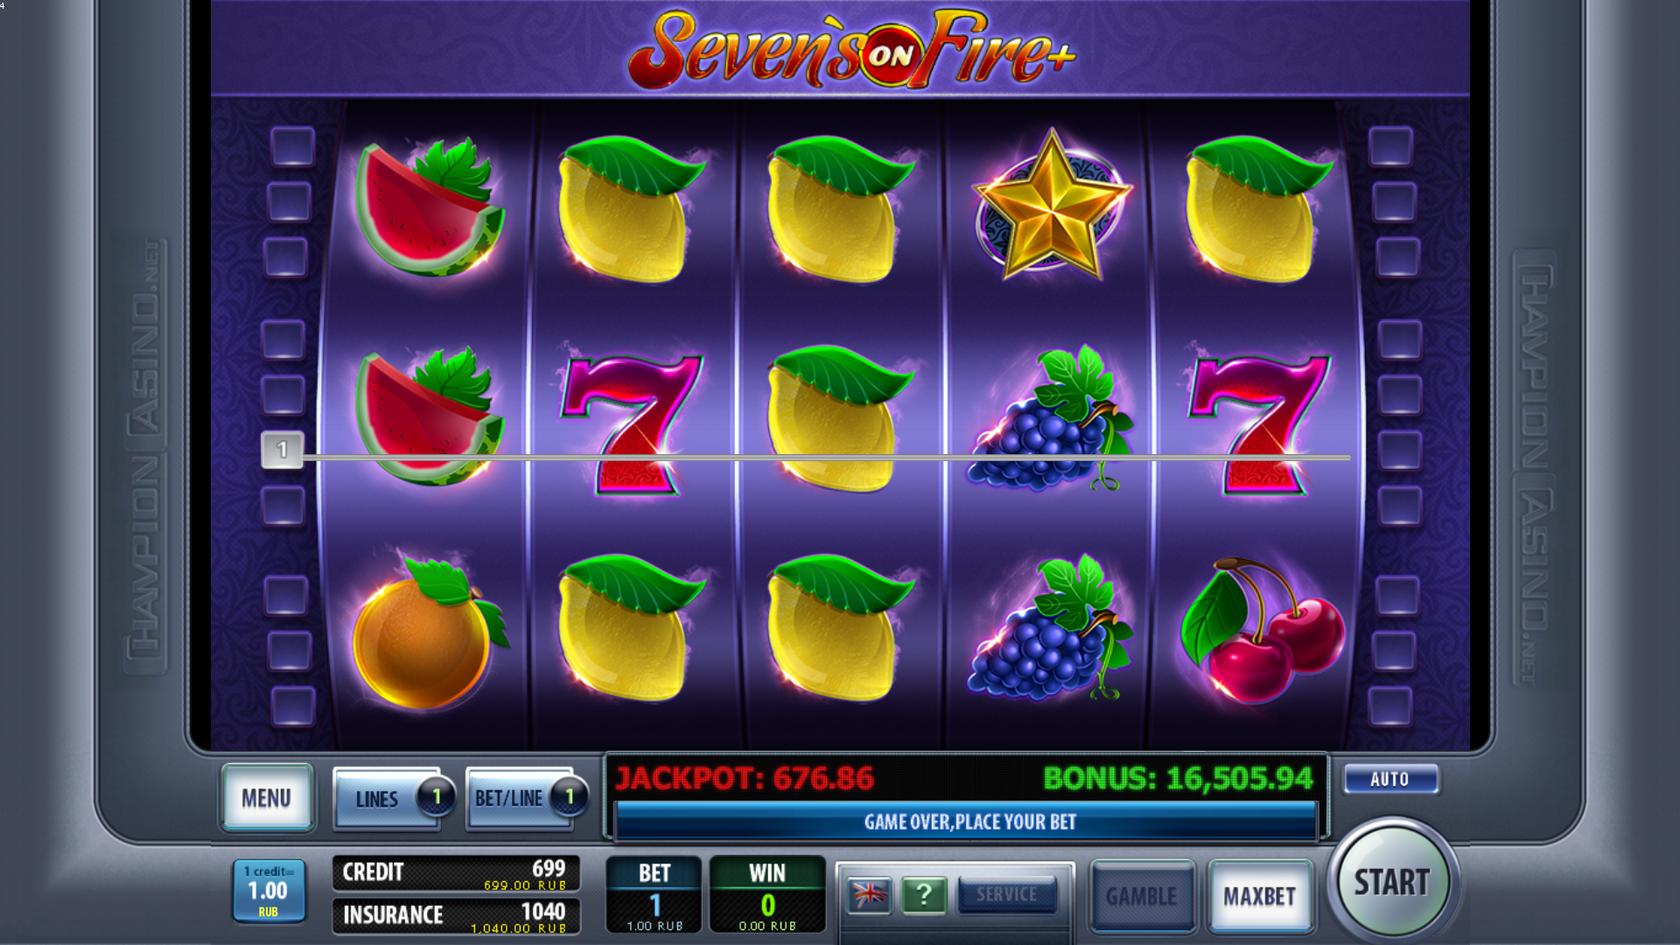 игровые автоматы бесплатно корона 2021 года